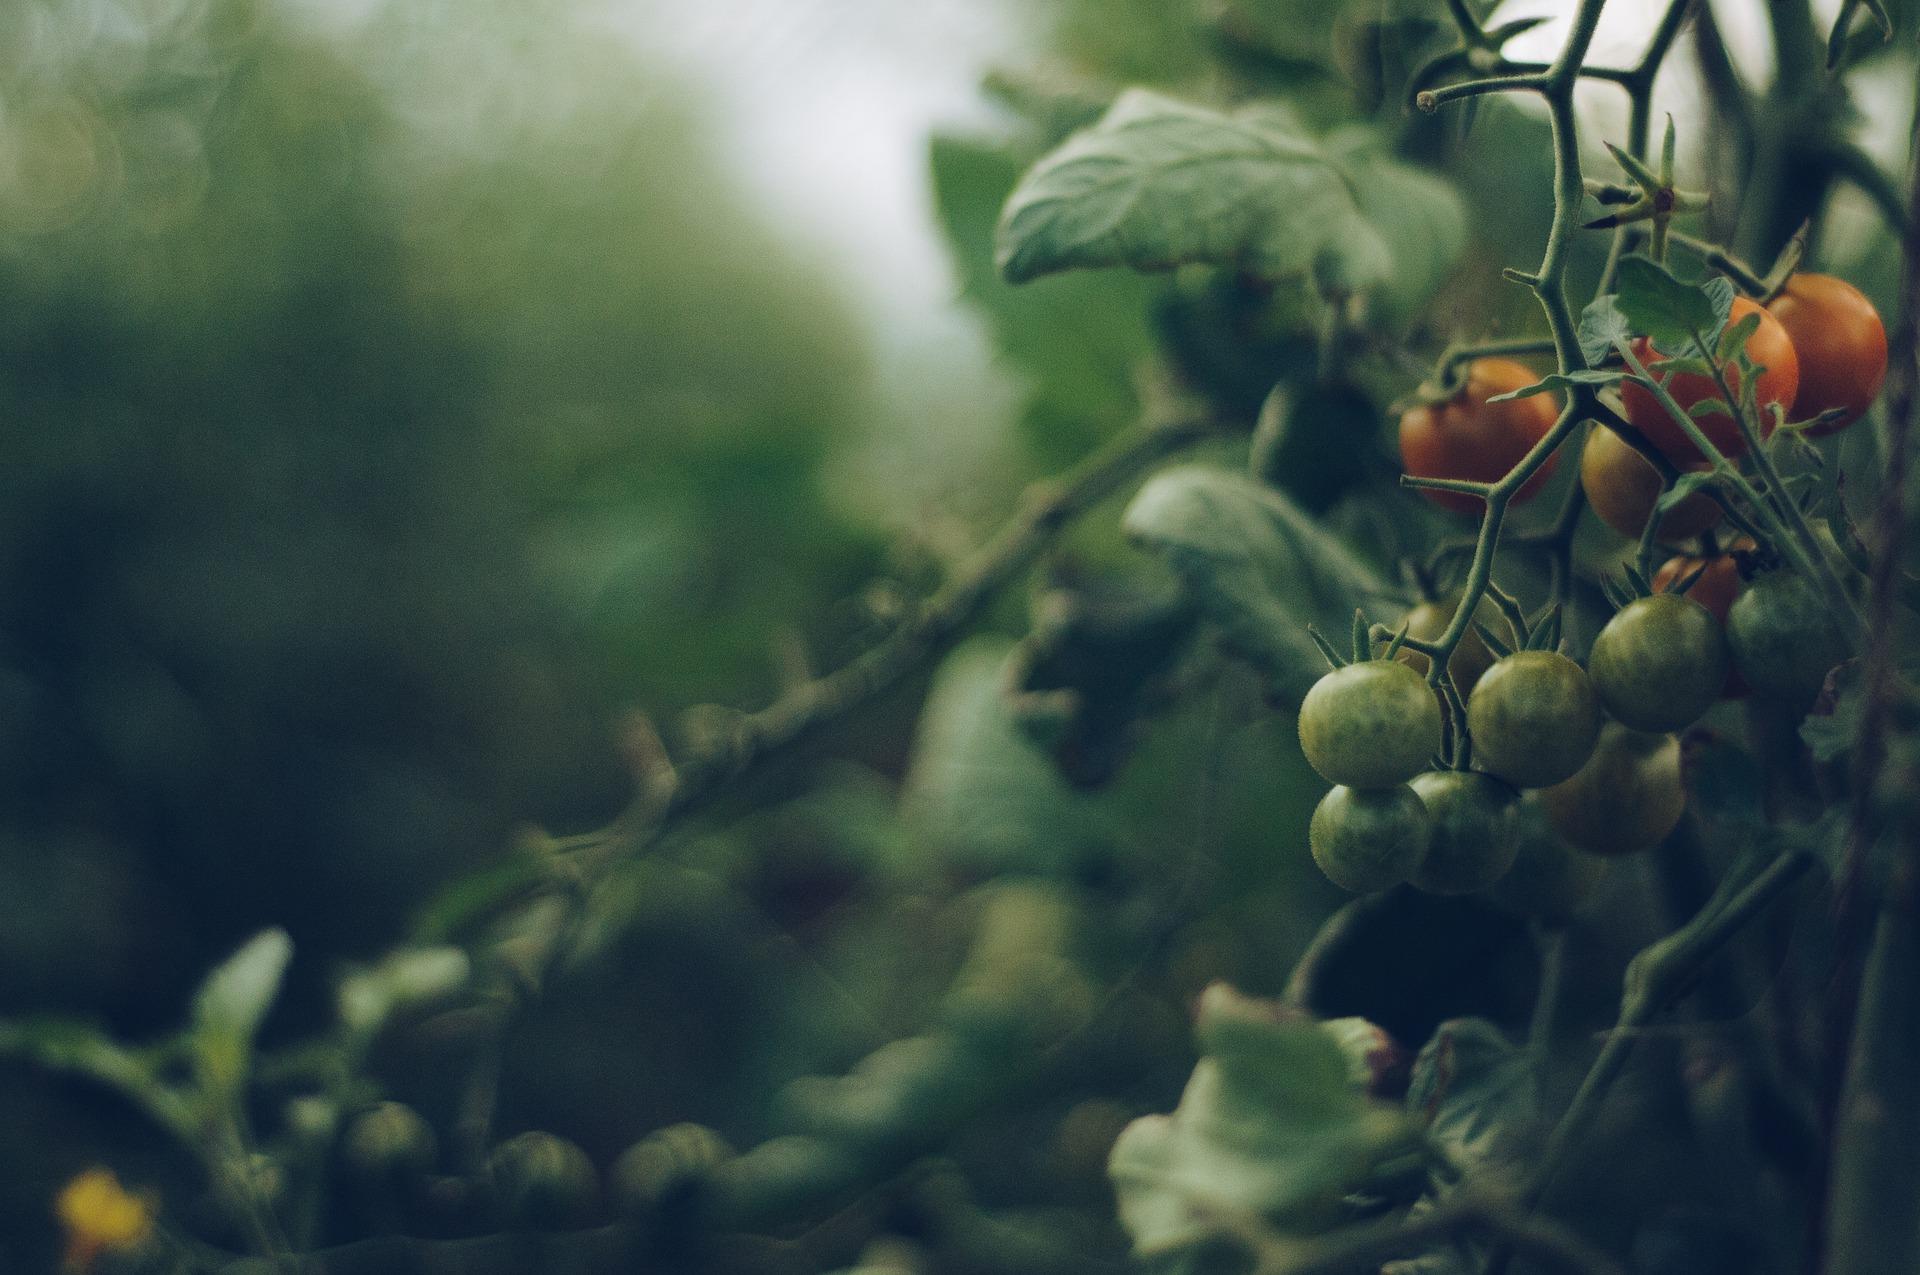 Baba da je živa znala bi zašto ne zri paradajz